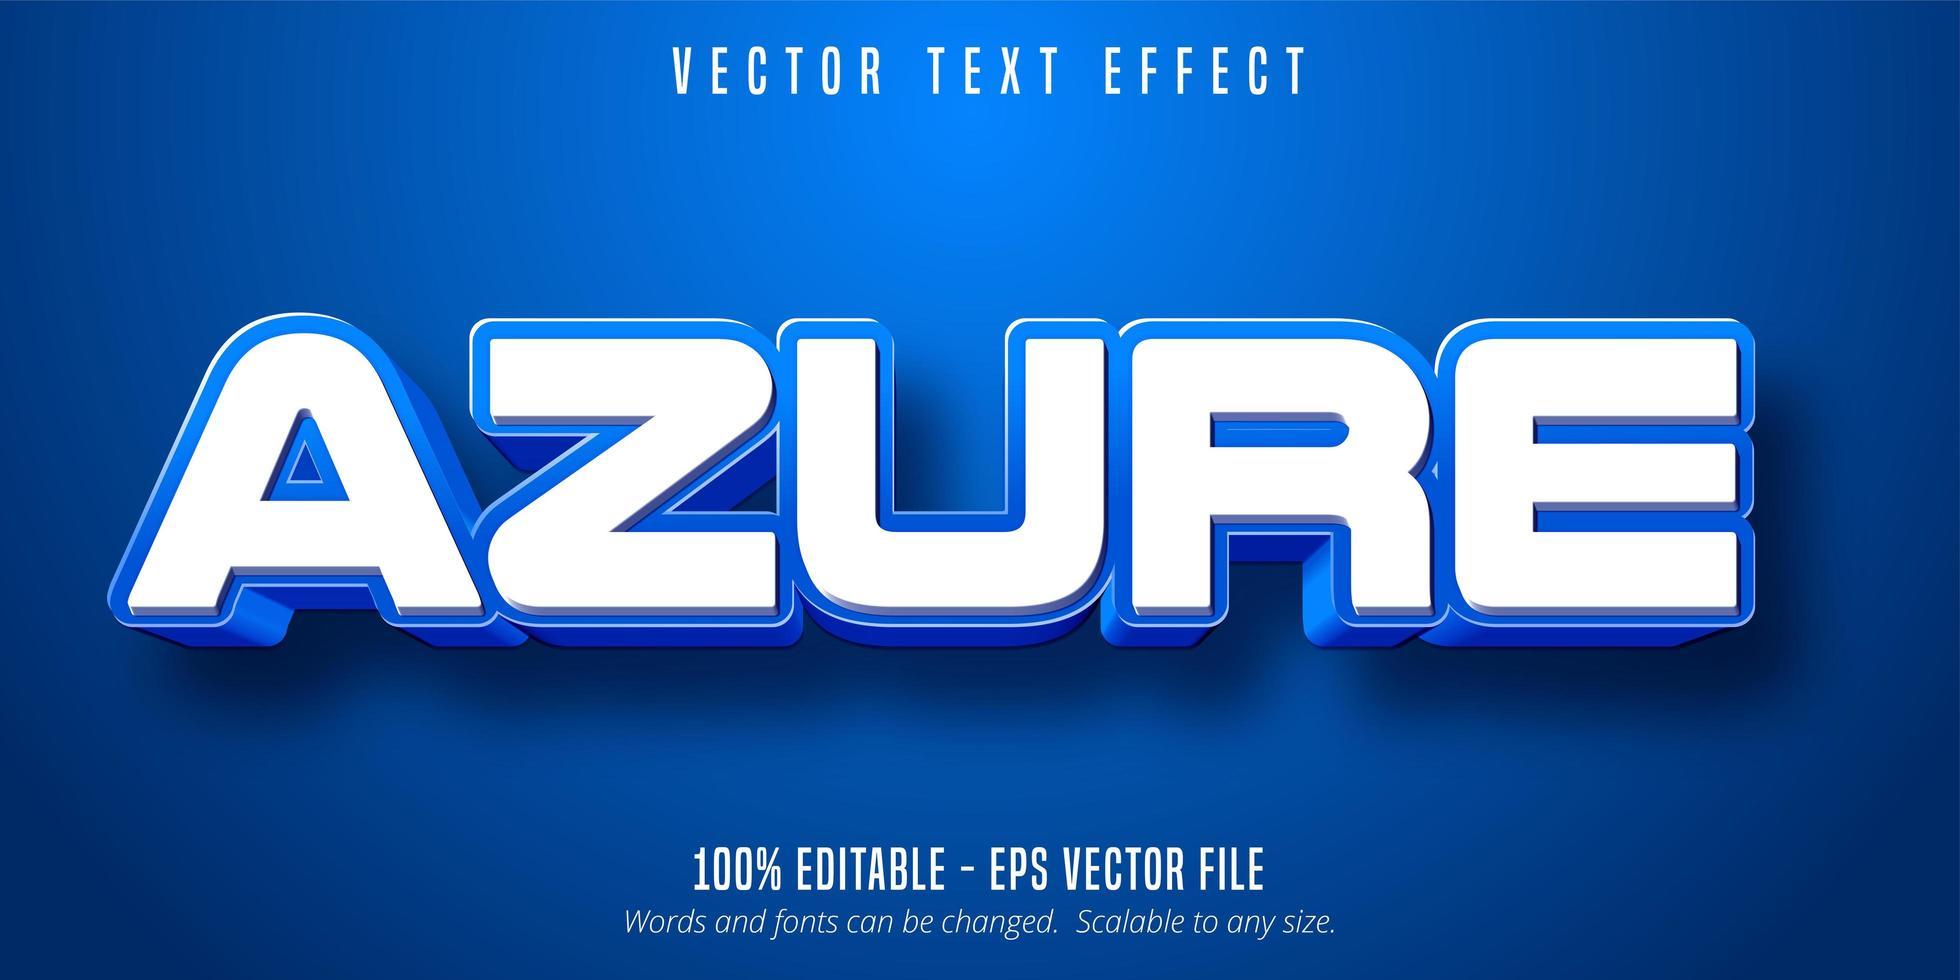 azuurblauwe tekst, blauw kleurenteksteffect vector